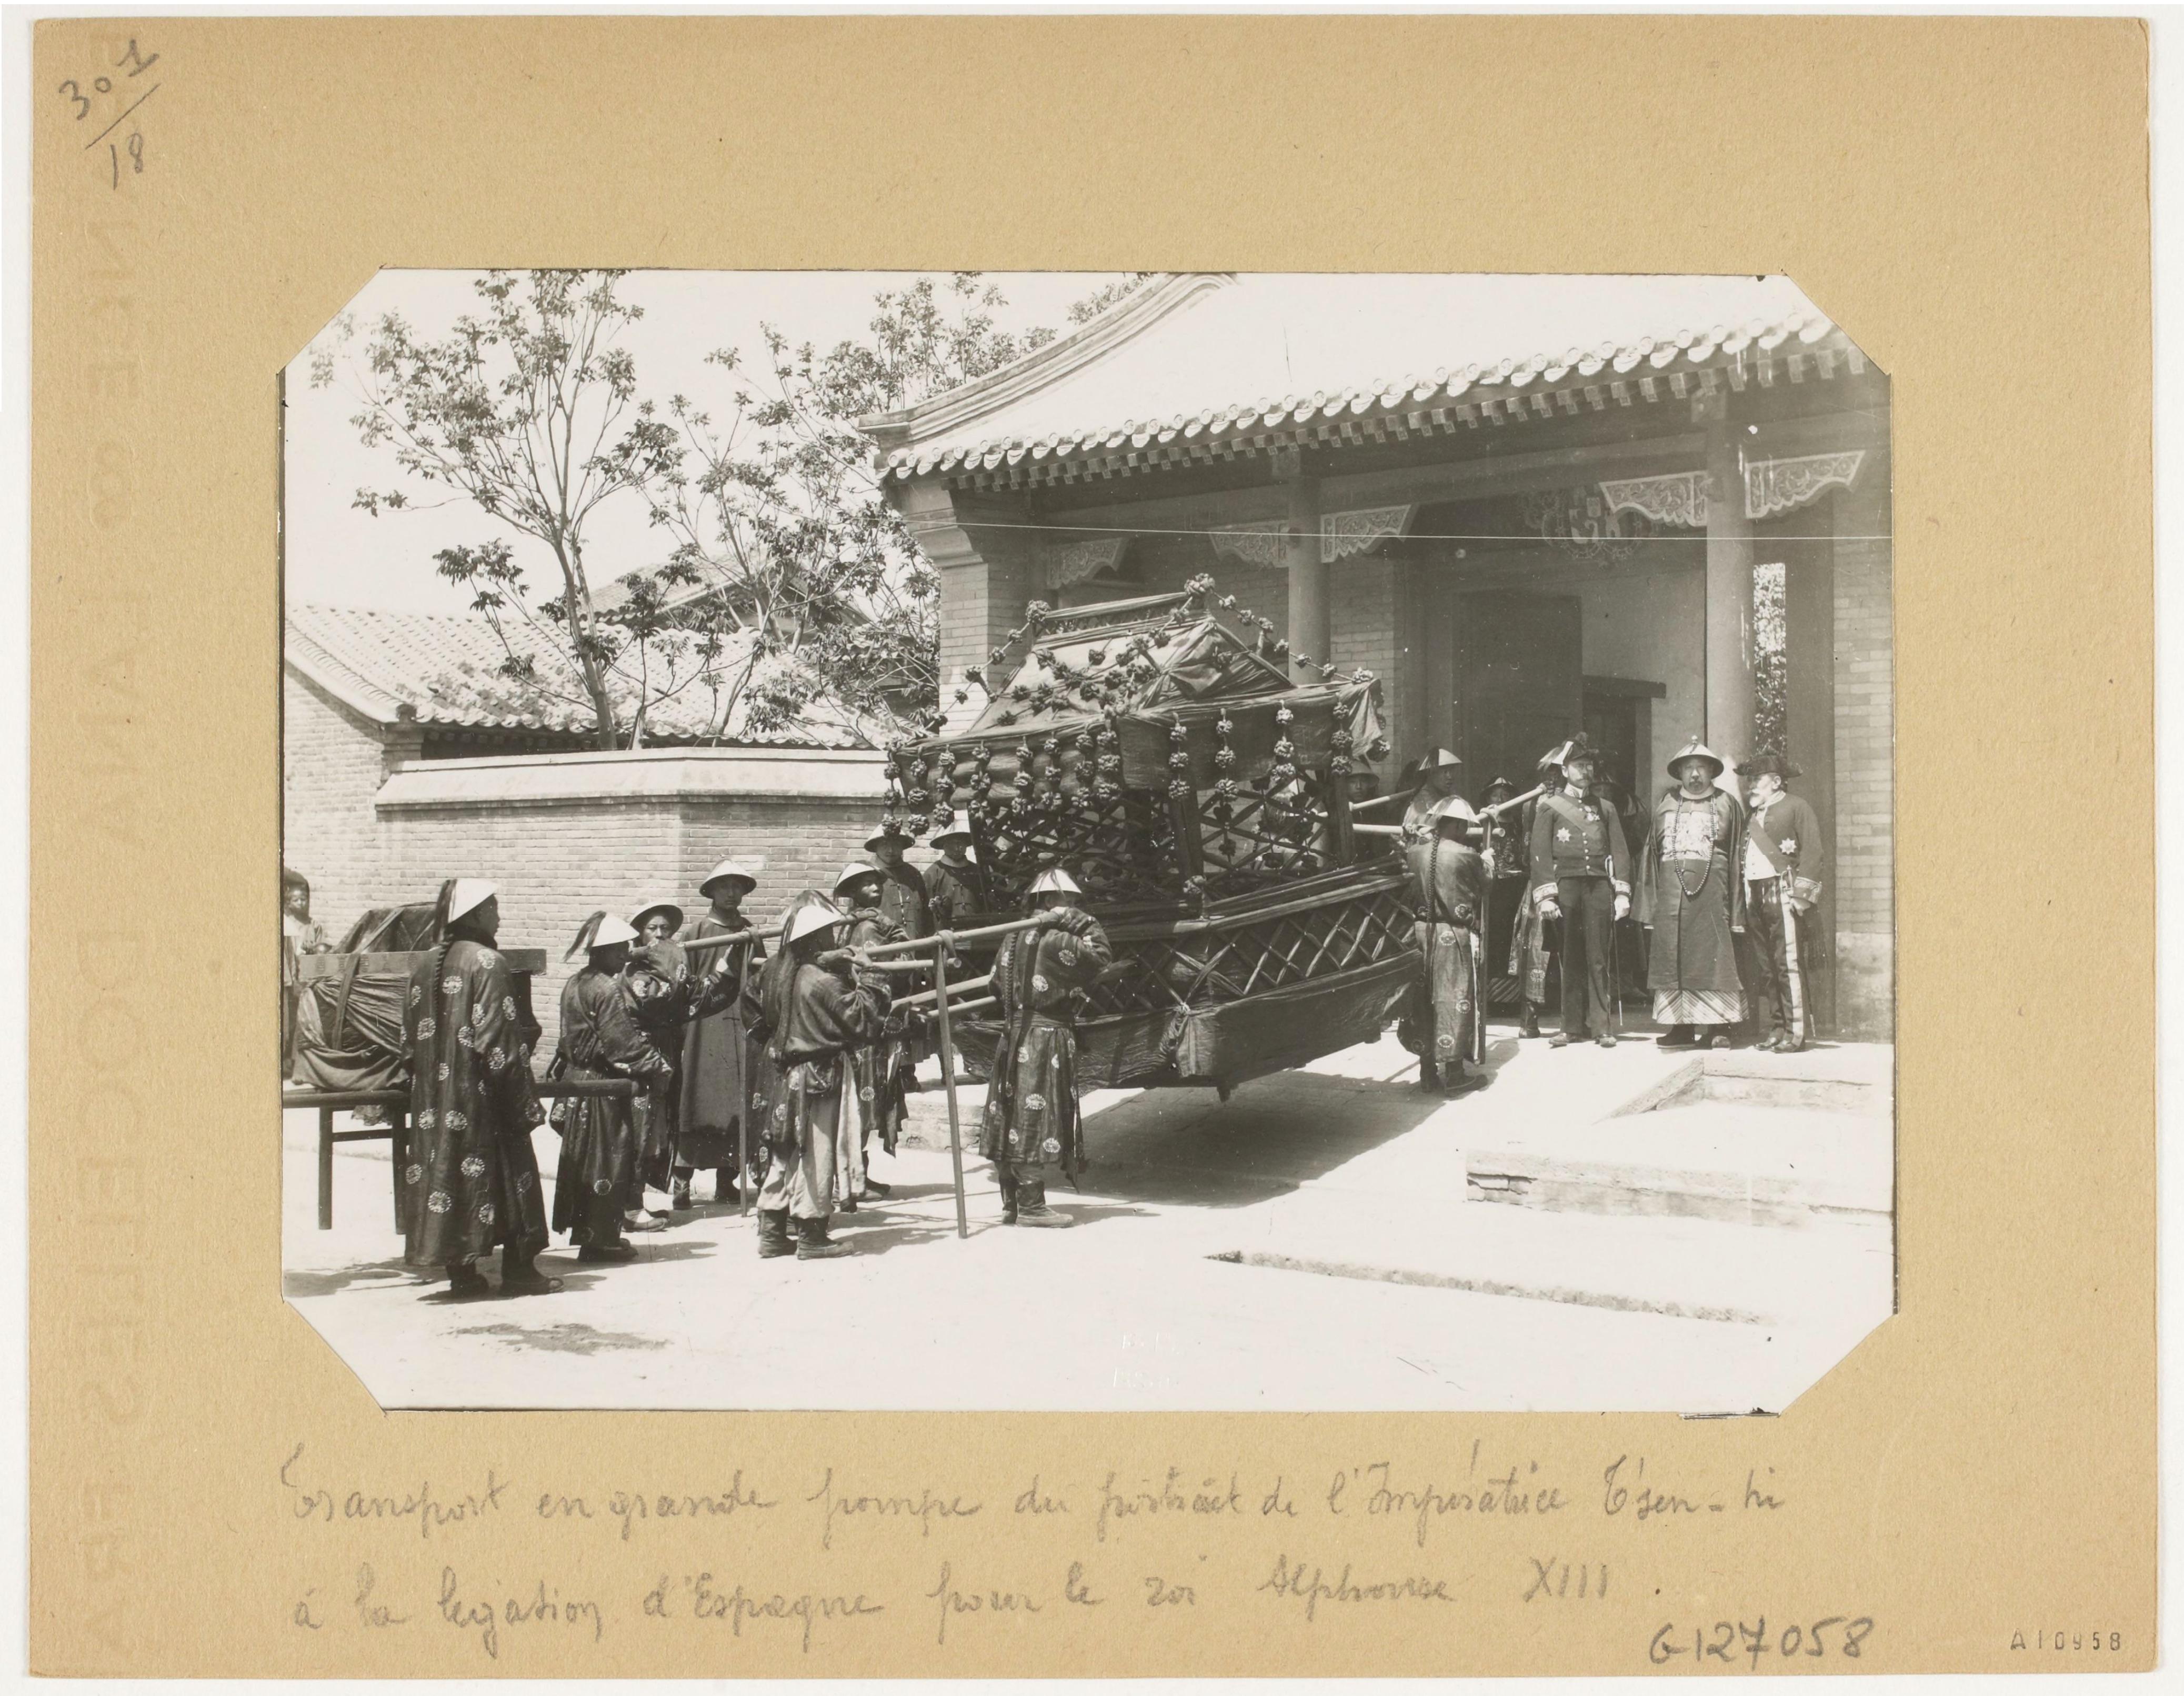 西班牙驻北京大使馆,收藏于法国国家图书馆。照片拍摄的是运送慈禧太后肖像的皇家轿子抵达西班牙使馆的场景,可能是给西班牙国王阿方索十三世和维多利亚·欧亨尼亚的新婚礼物,婚礼时间是1906年5月。在使馆门口接受的是西班牙驻华大使贾思理。 上海塞万提斯图书馆供图